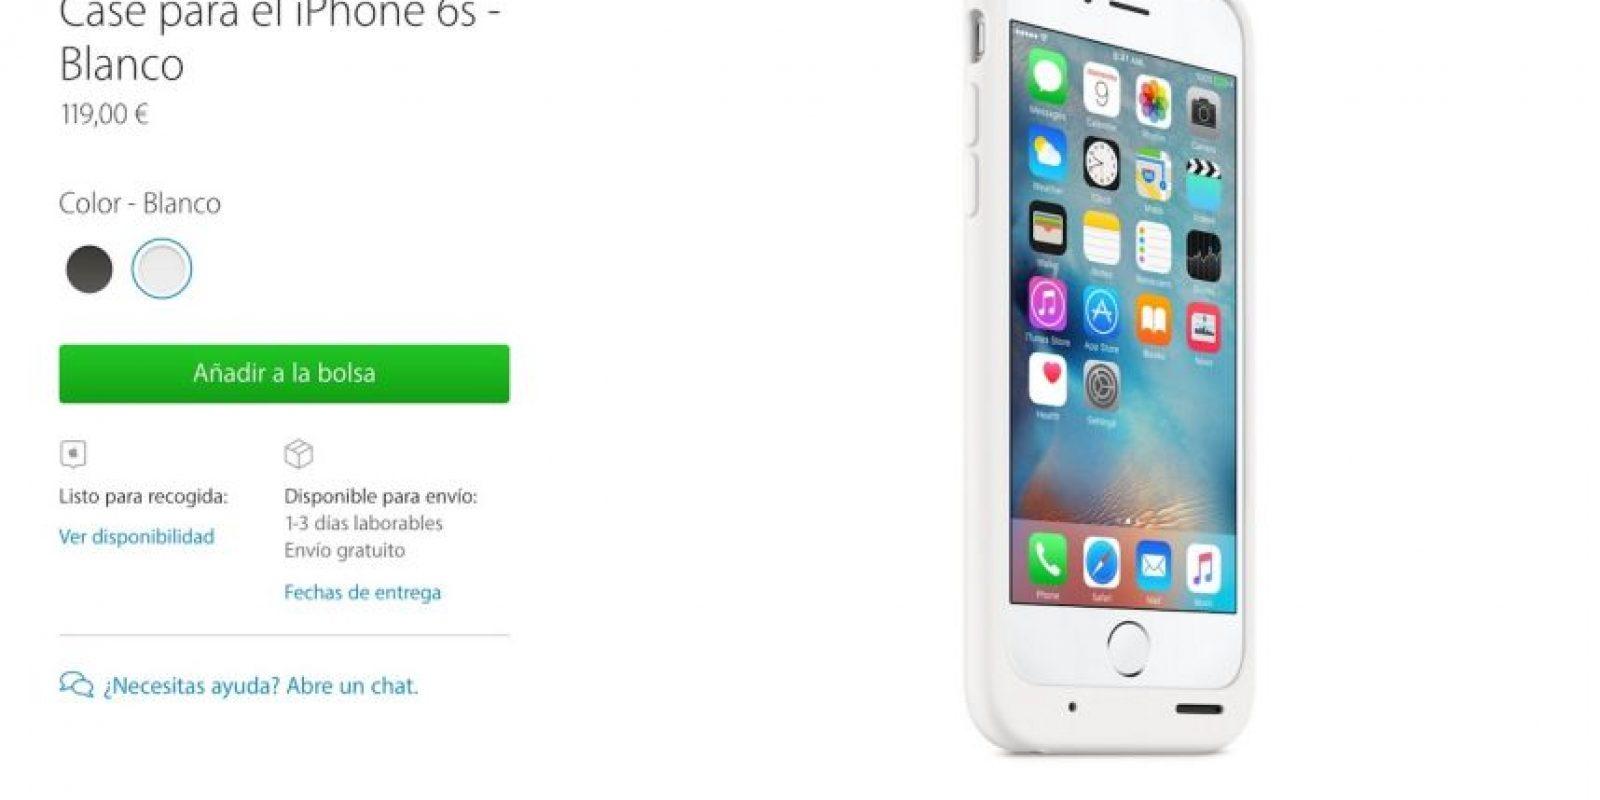 Ahora tendrán hasta 25 horas de batería extra en el iPhone. Foto:Apple